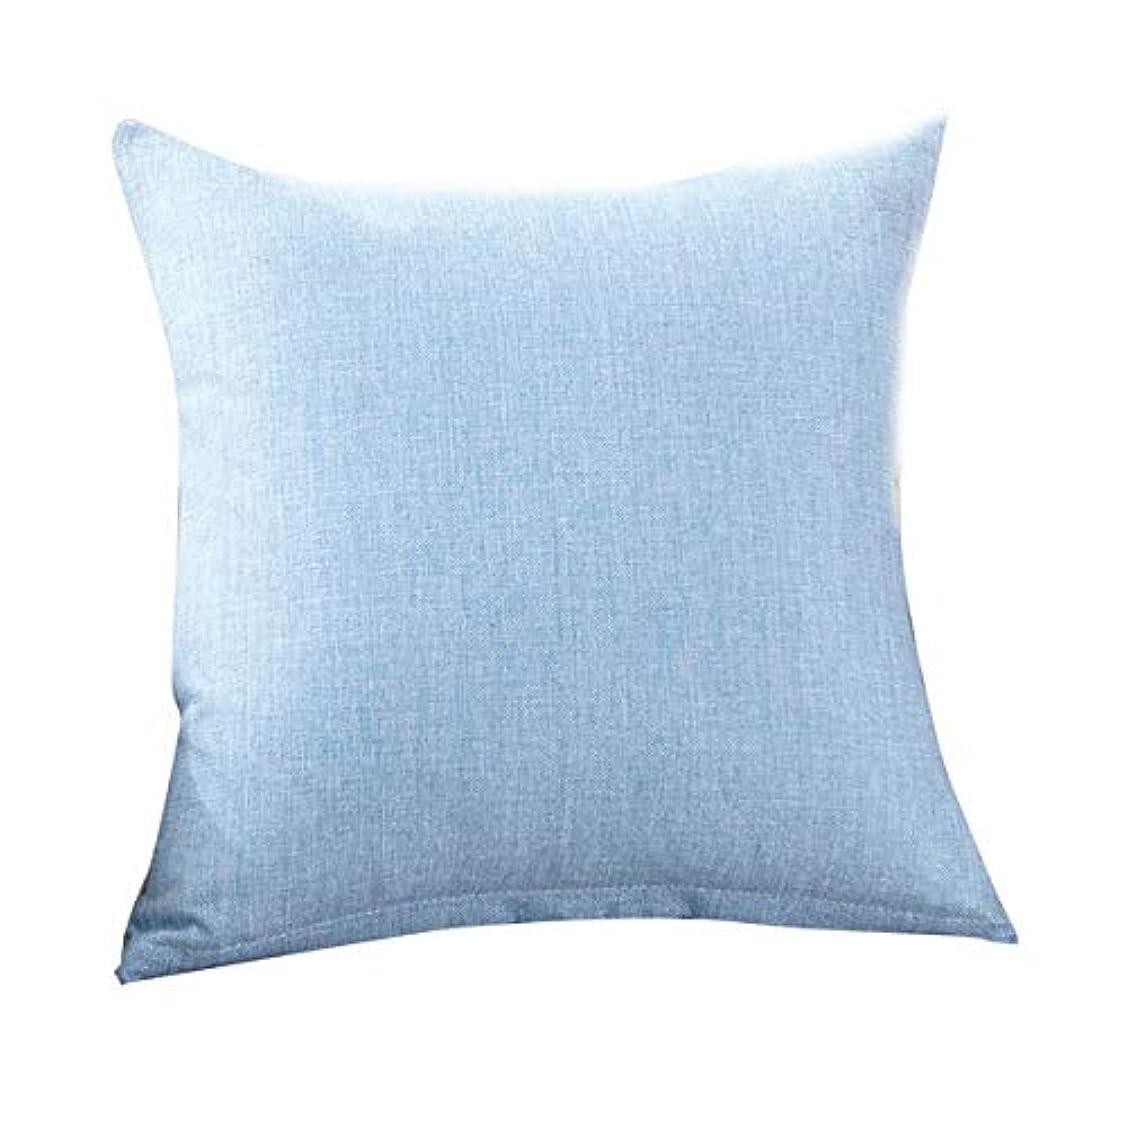 乱れ一貫した性的LIFE クリエイティブシンプルなファッションスロー枕クッションカフェソファクッションのホームインテリア z0403# G20 クッション 椅子